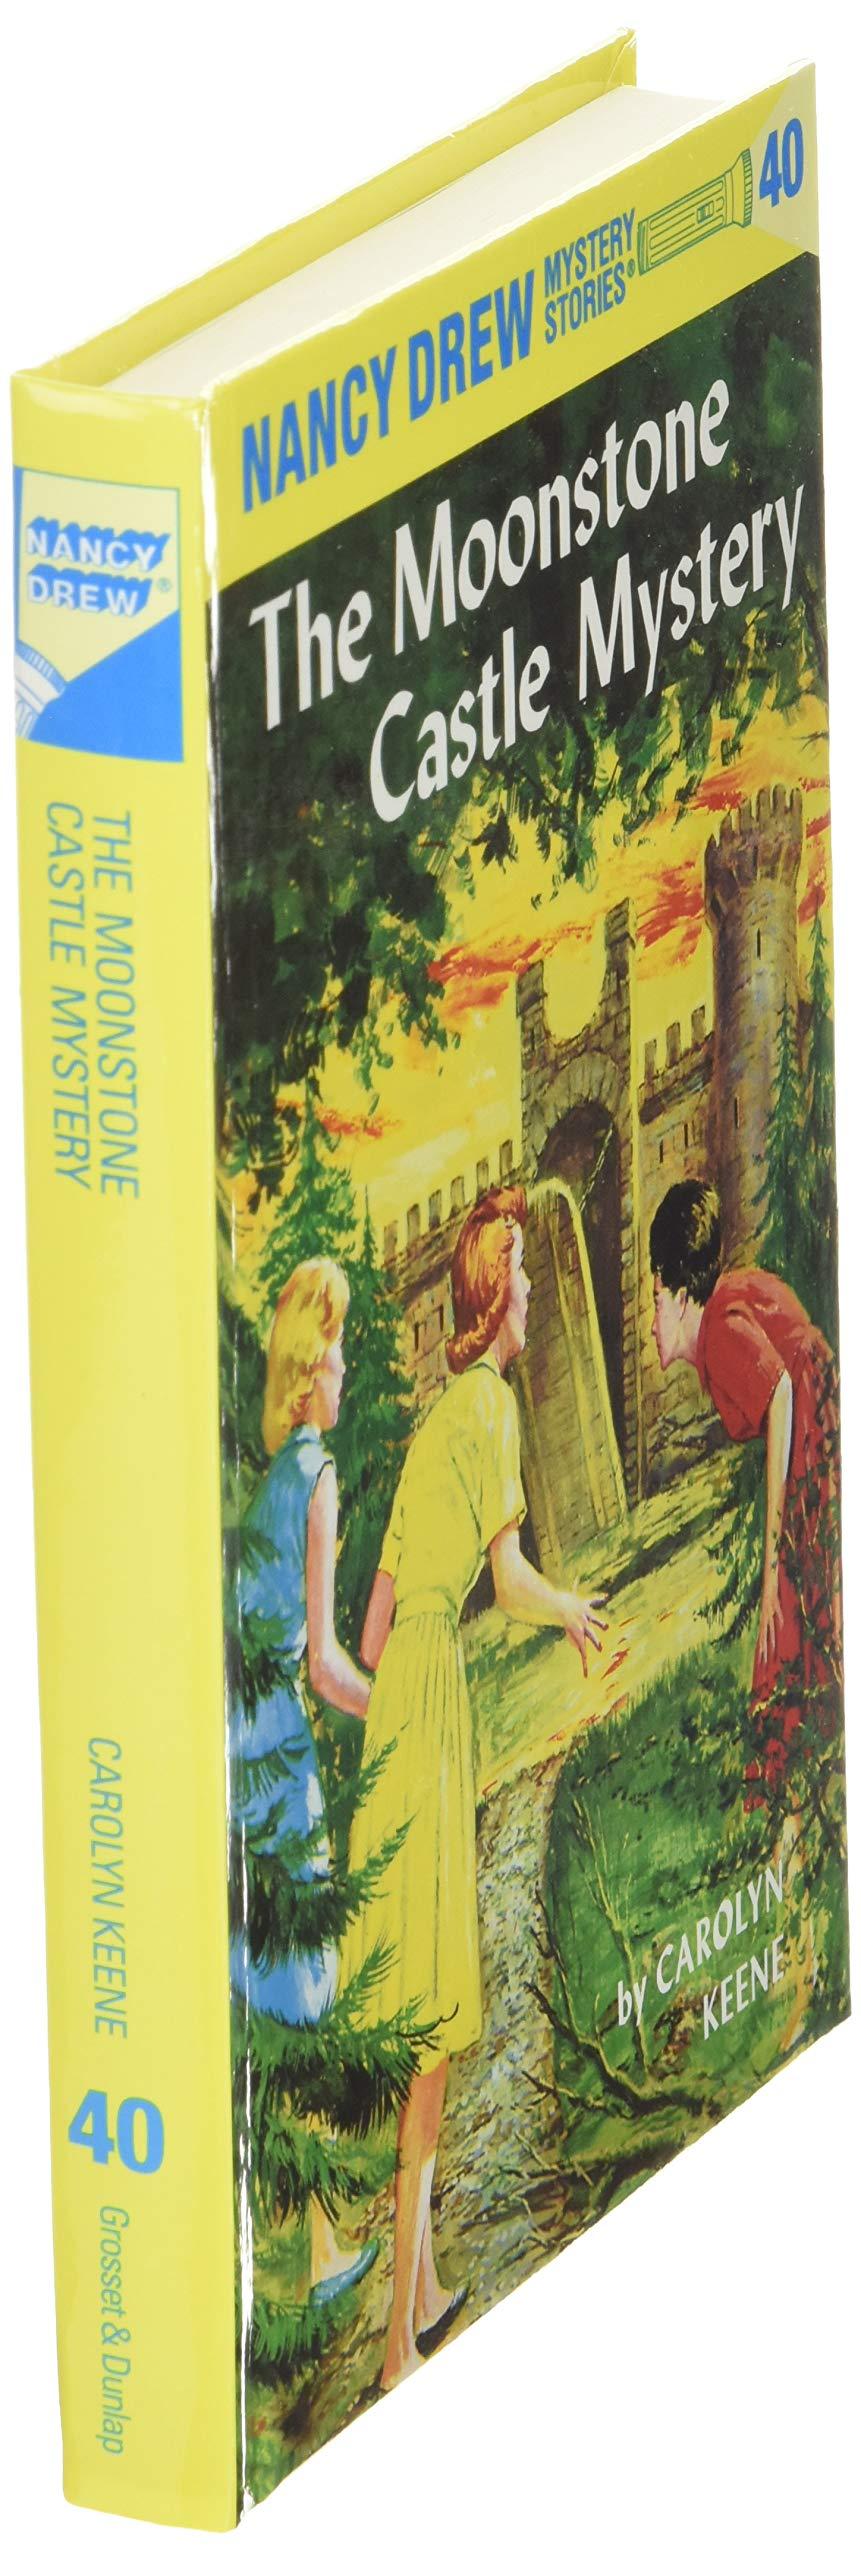 Ebook The Moonstone Castle Mystery Nancy Drew Mystery Stories 40 By Carolyn Keene